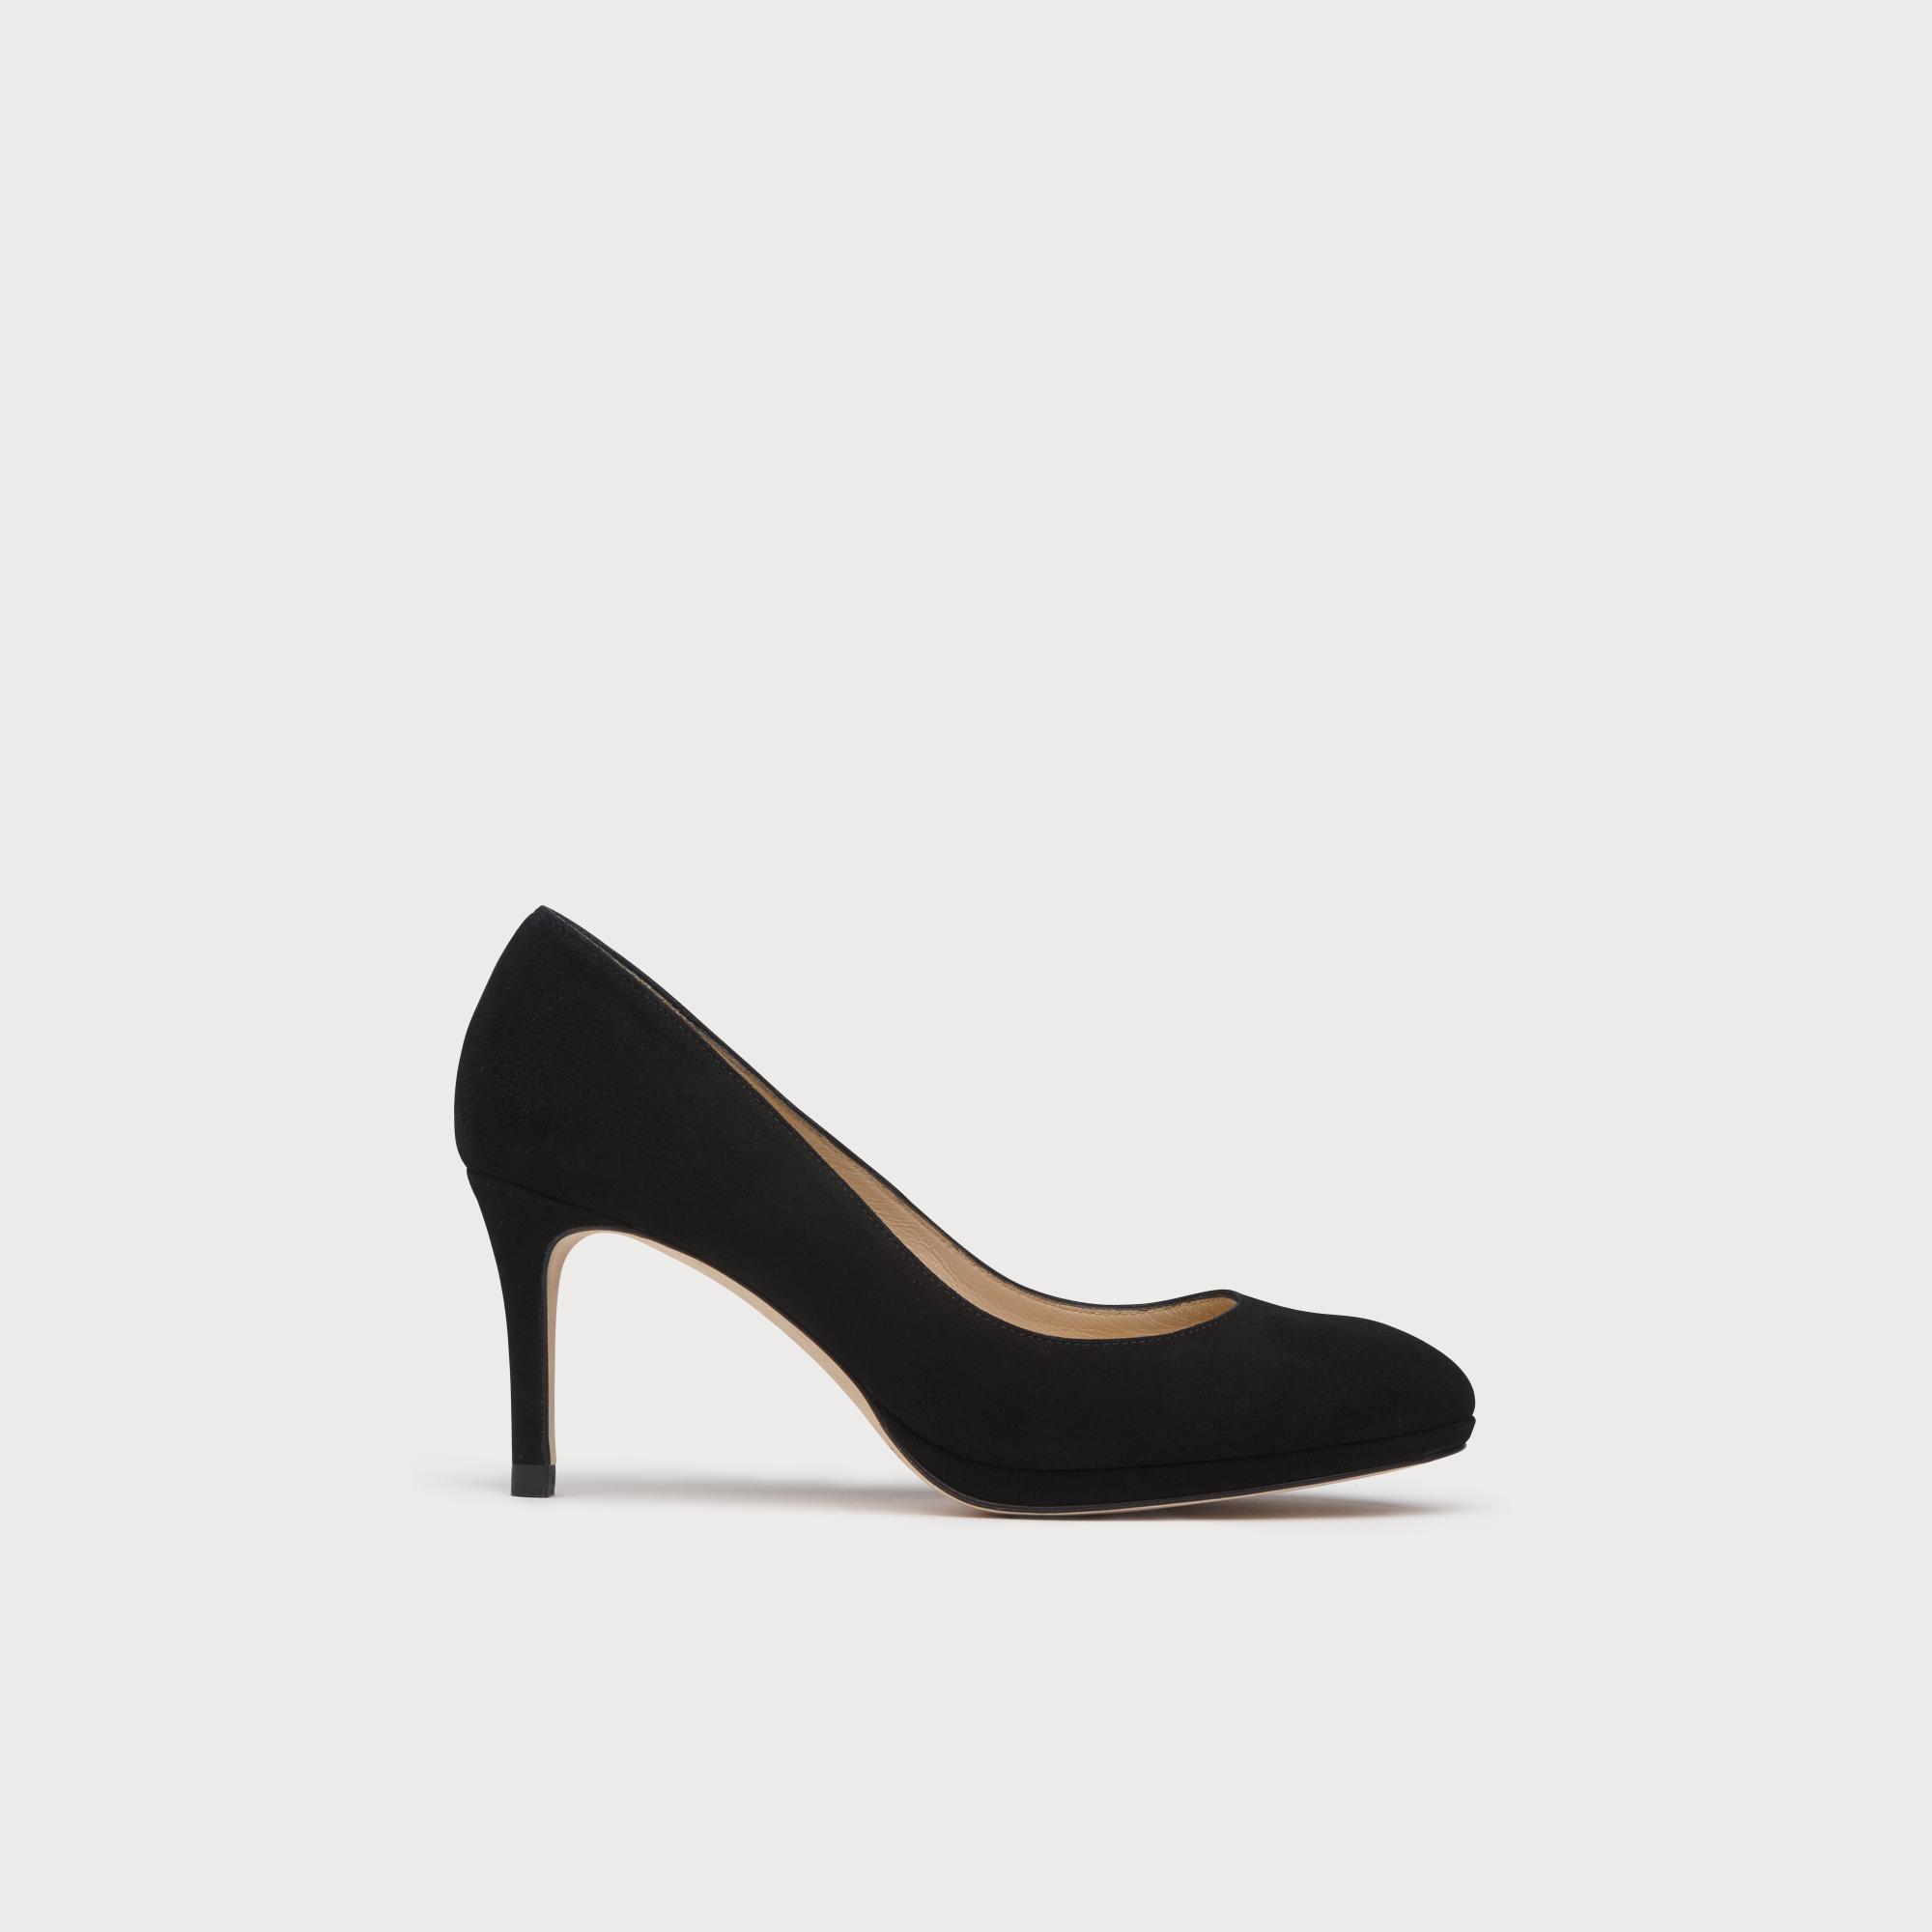 e74c05f6e9 Sybila Black Suede Platform Courts   Shoes   L.K.Bennett